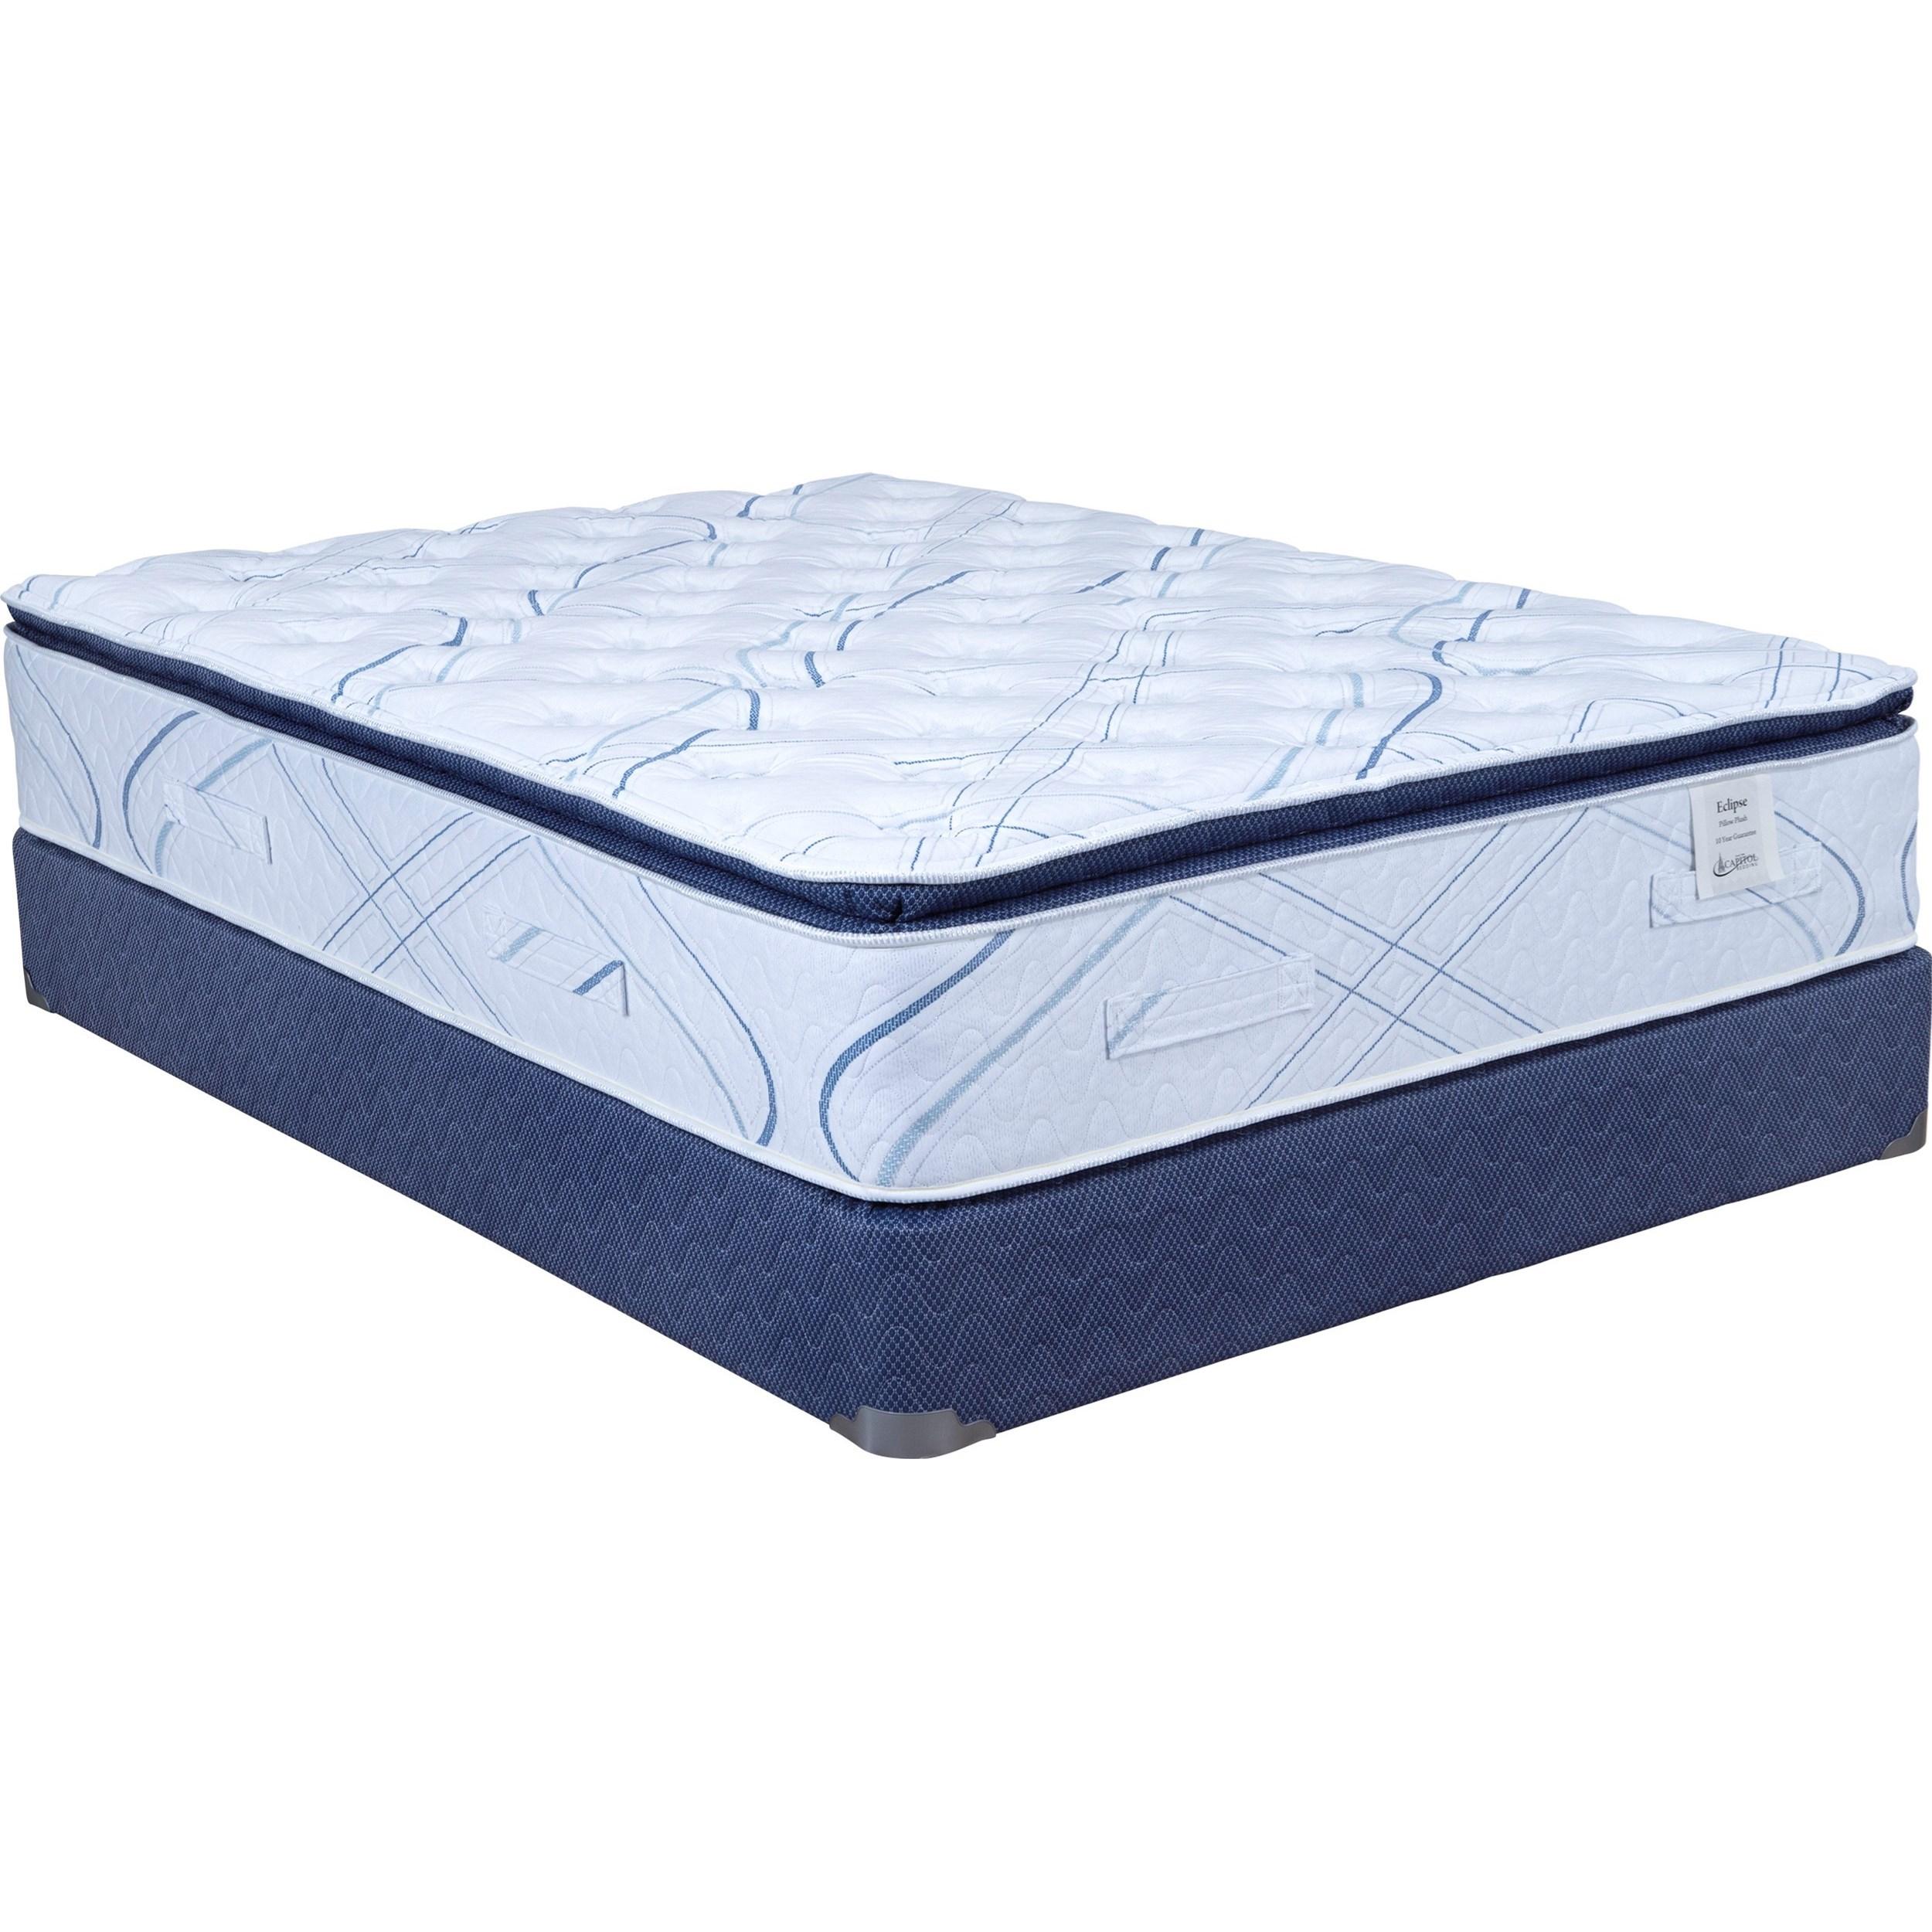 camden pillow top twin xl pillow top mattress set